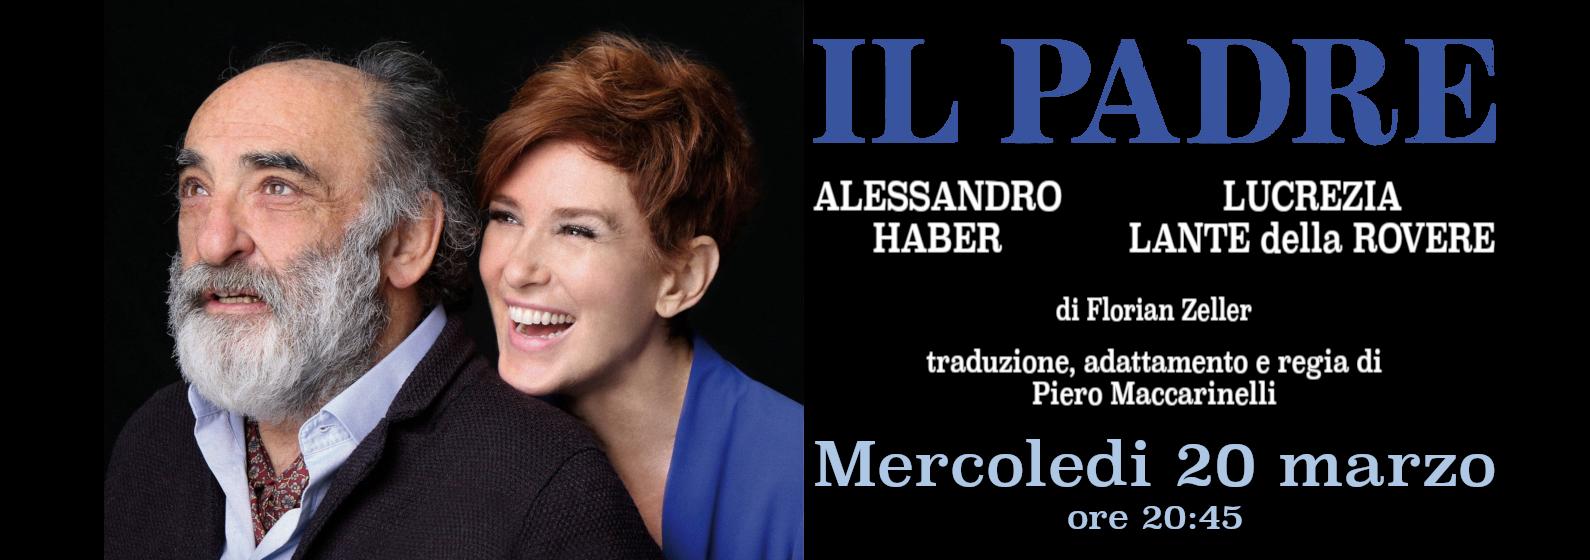 IL PADRE – Alessandro Haber, Lucrezia Lante della Rovere